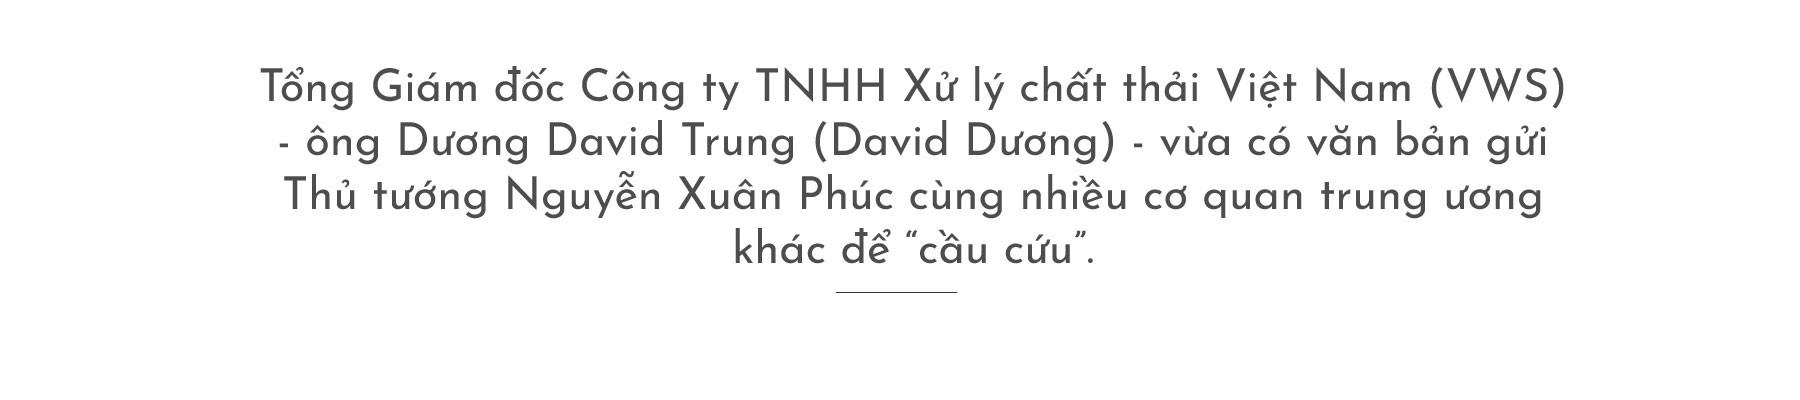 Vì sao vua rác David Dương cầu cứu Thủ tướng? - Ảnh 1.